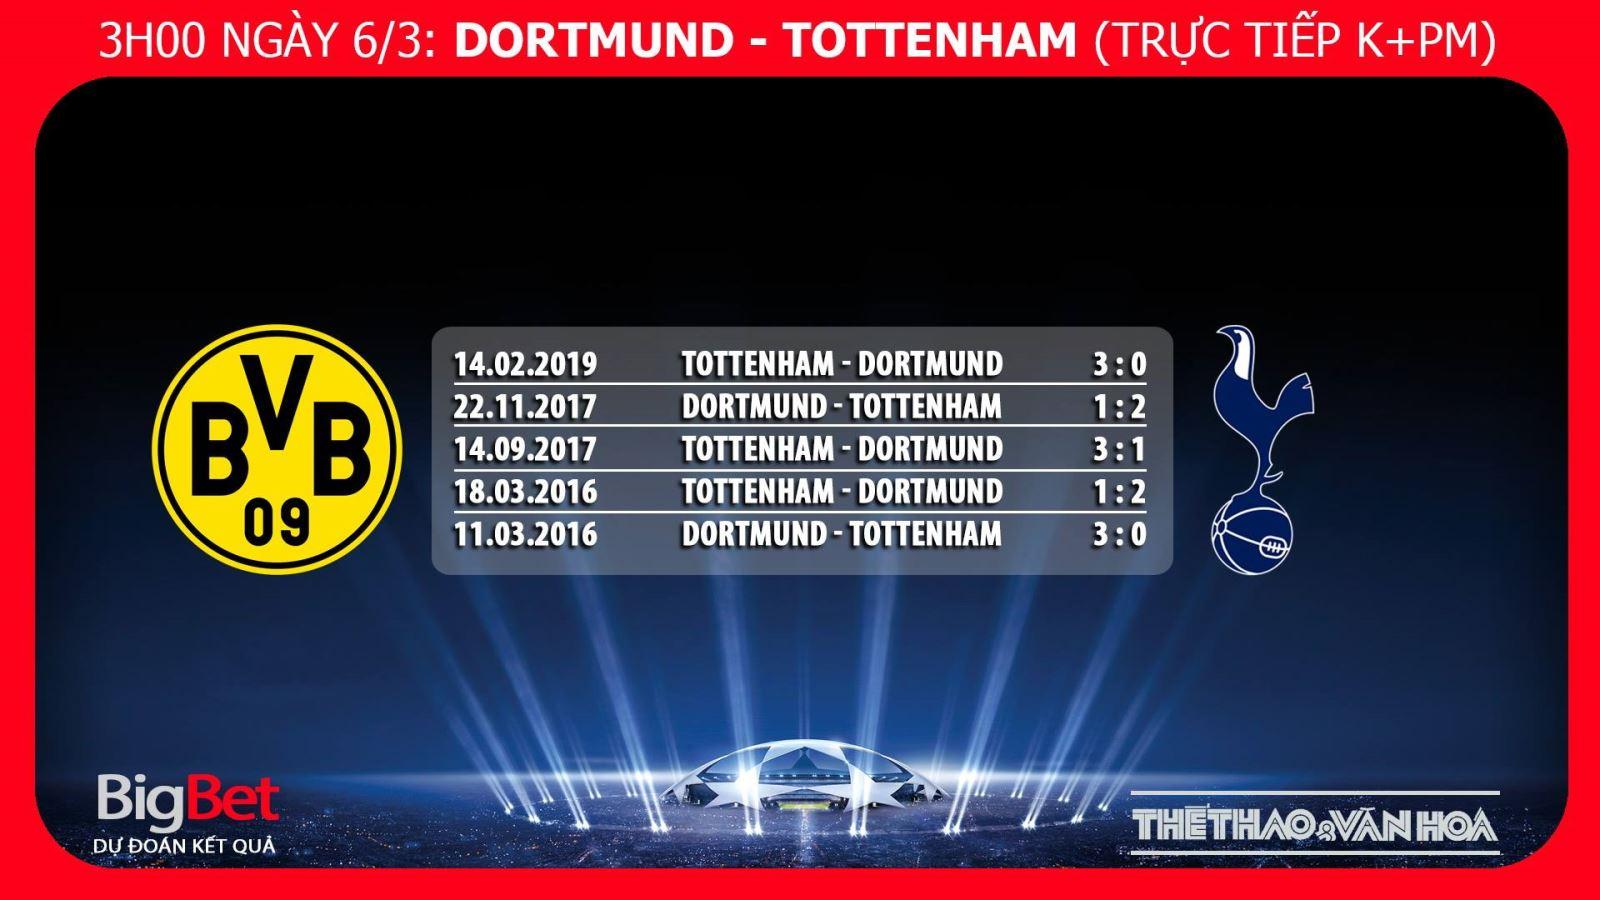 kèo Dortmund vs Tottenham, kèo Tottenham, soi kèo Dortmund vs Tottenham, dự đoán bóng đá Dortmund Tottenham, truc tiep bong da, truc tiep C1, cup C1 trực tiếp bóng đá, trực tiếp Dortmund, trực tiếp bó